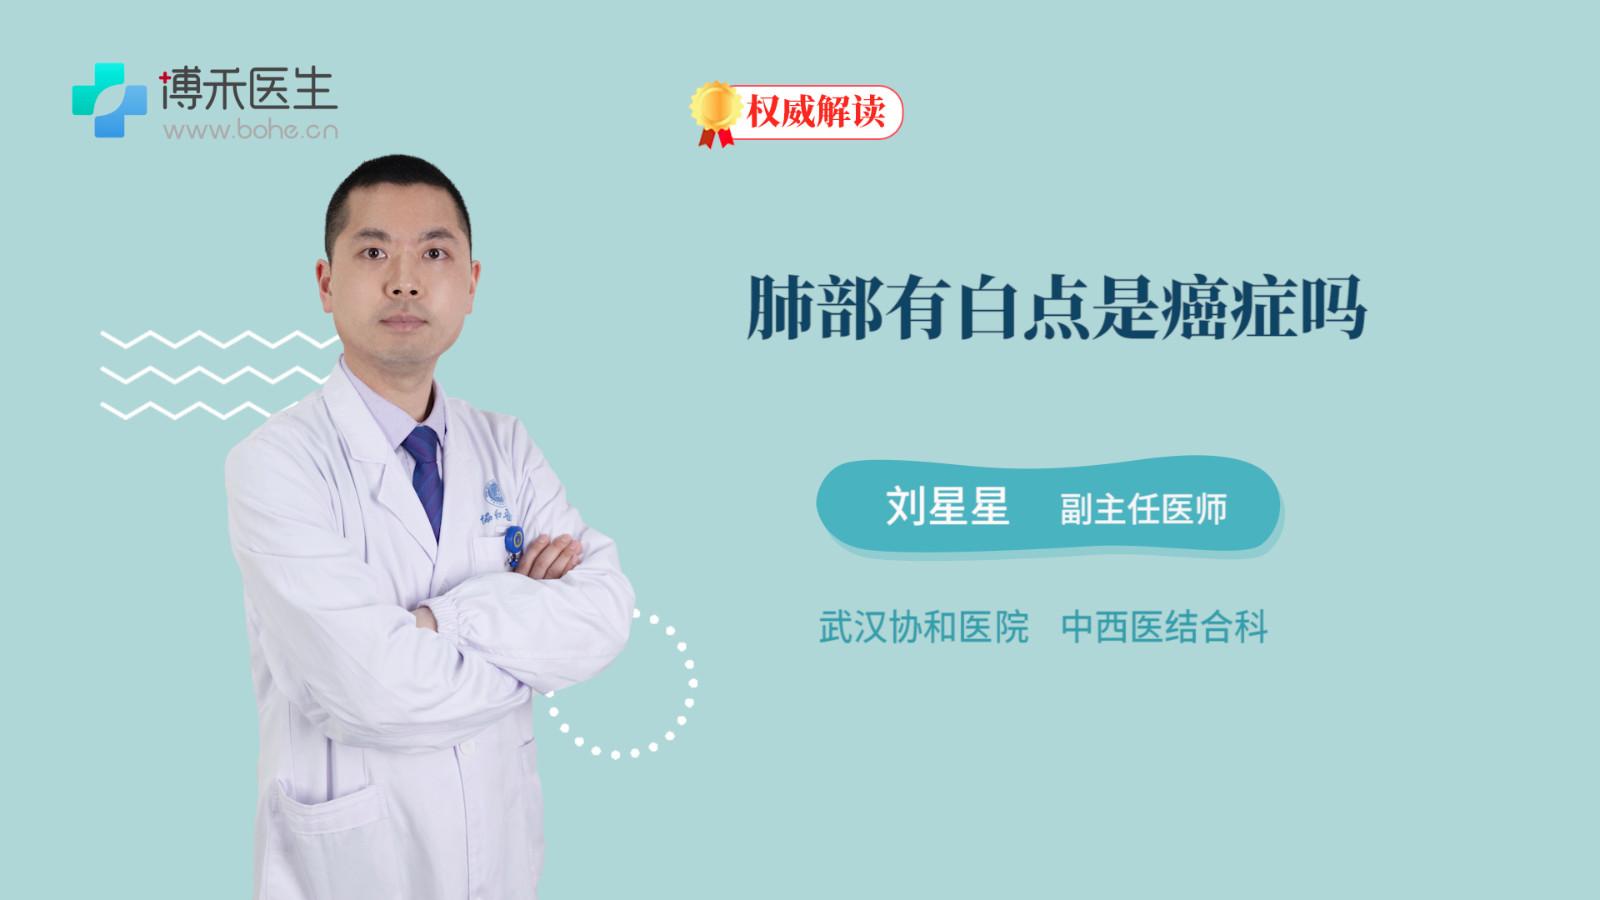 肺部有白点是癌症吗